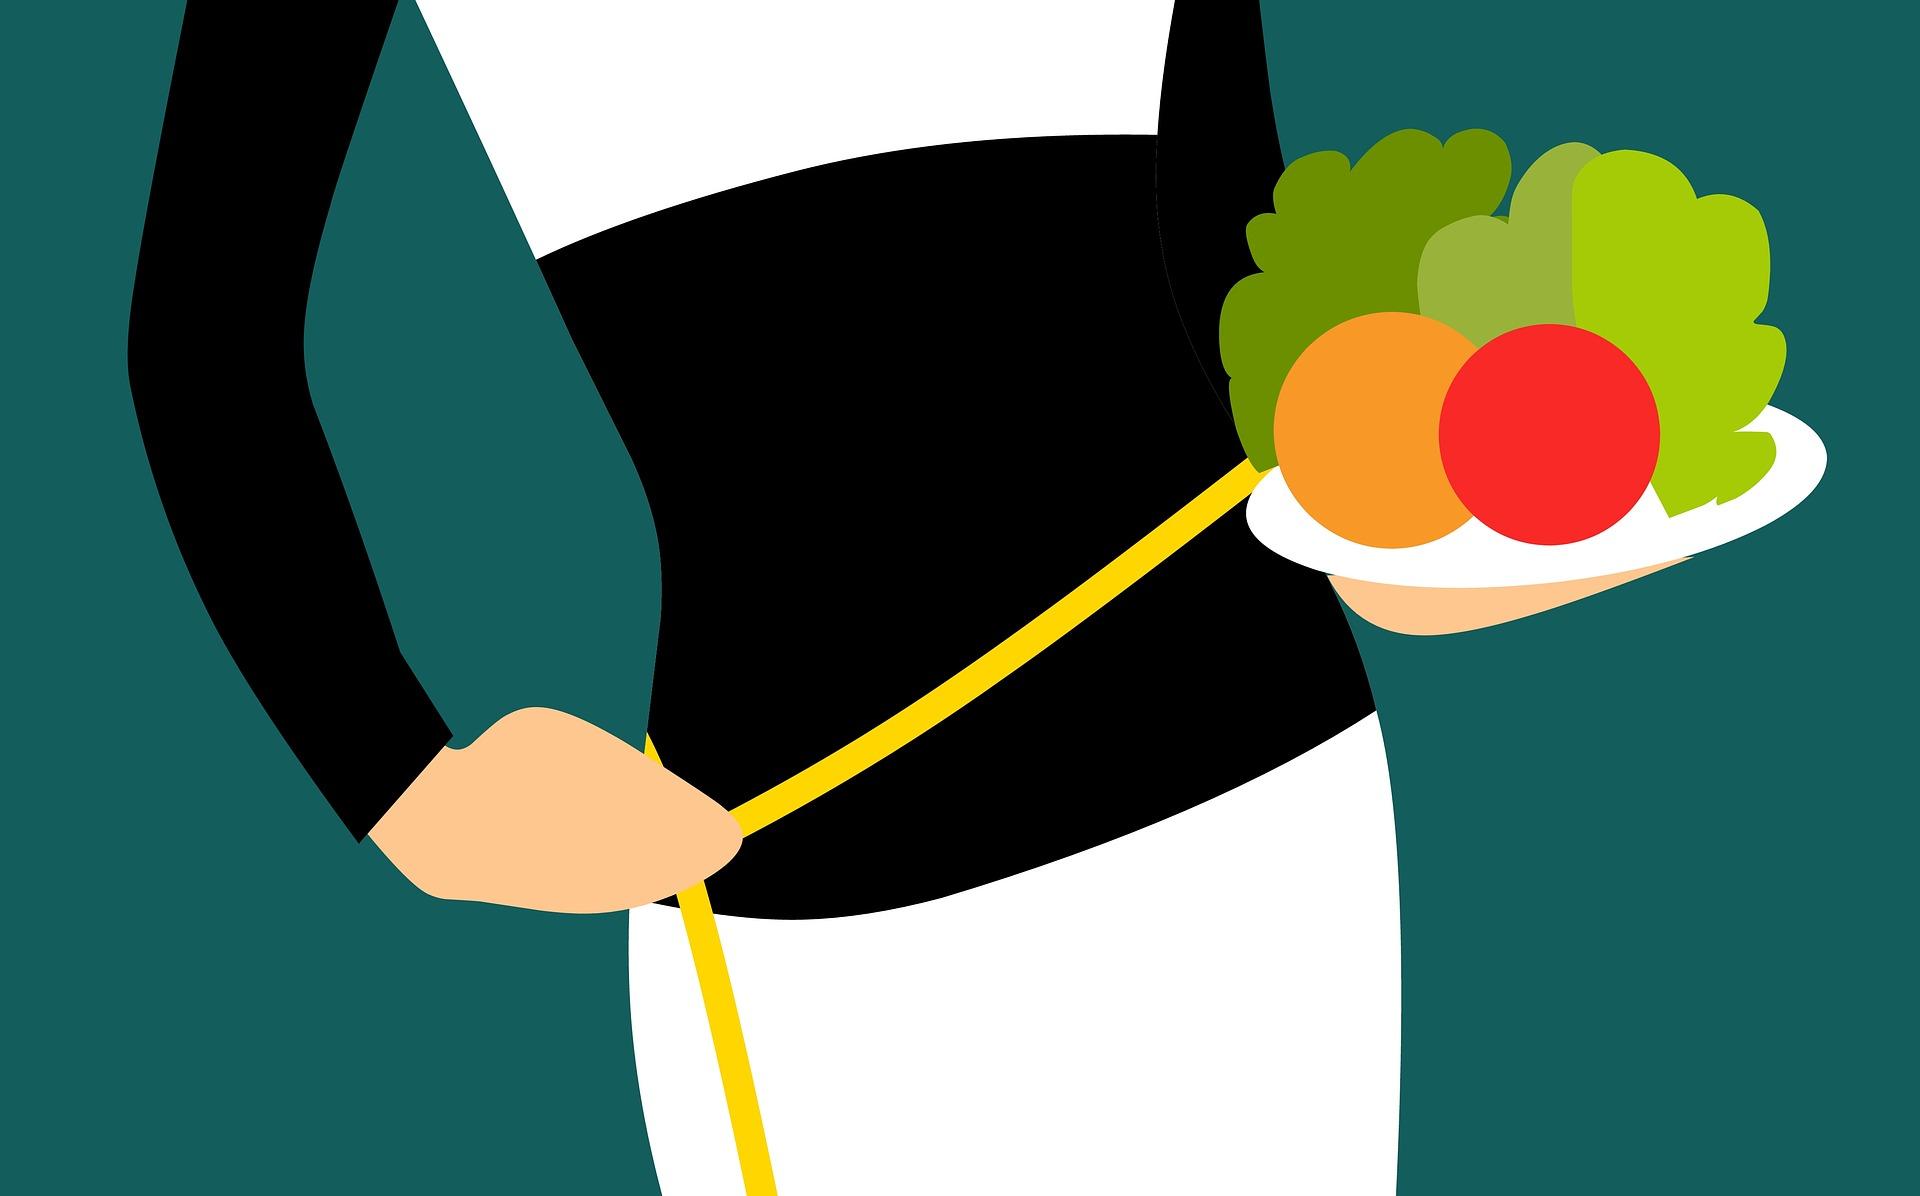 糖質制限 筋力低下